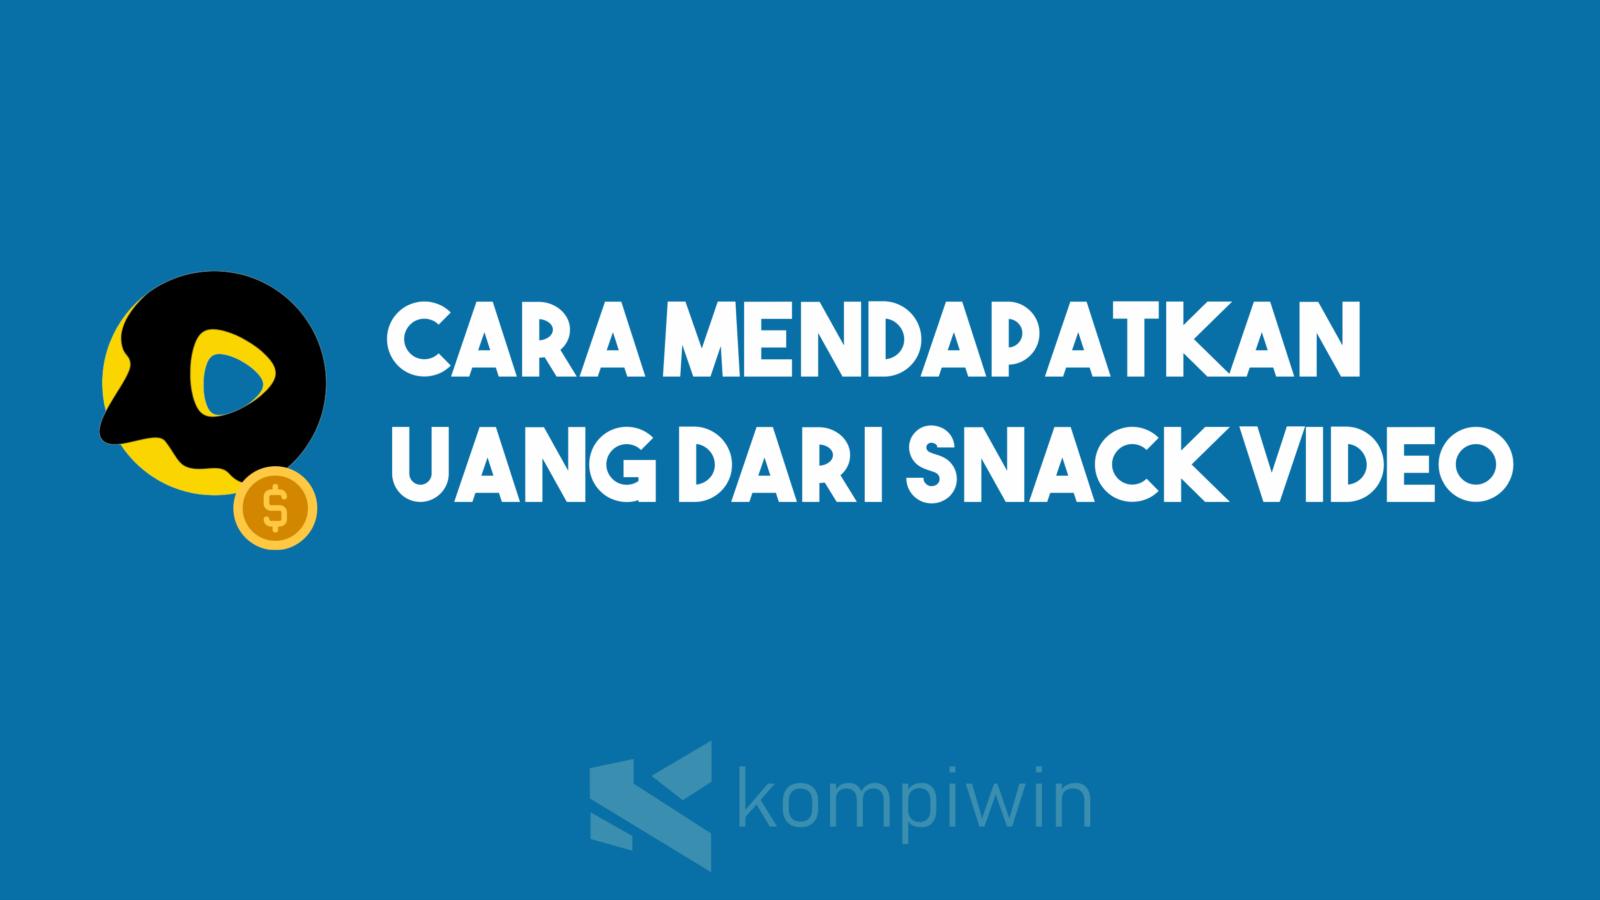 Cara Mendapatkan Uang Dari Snack Video 7